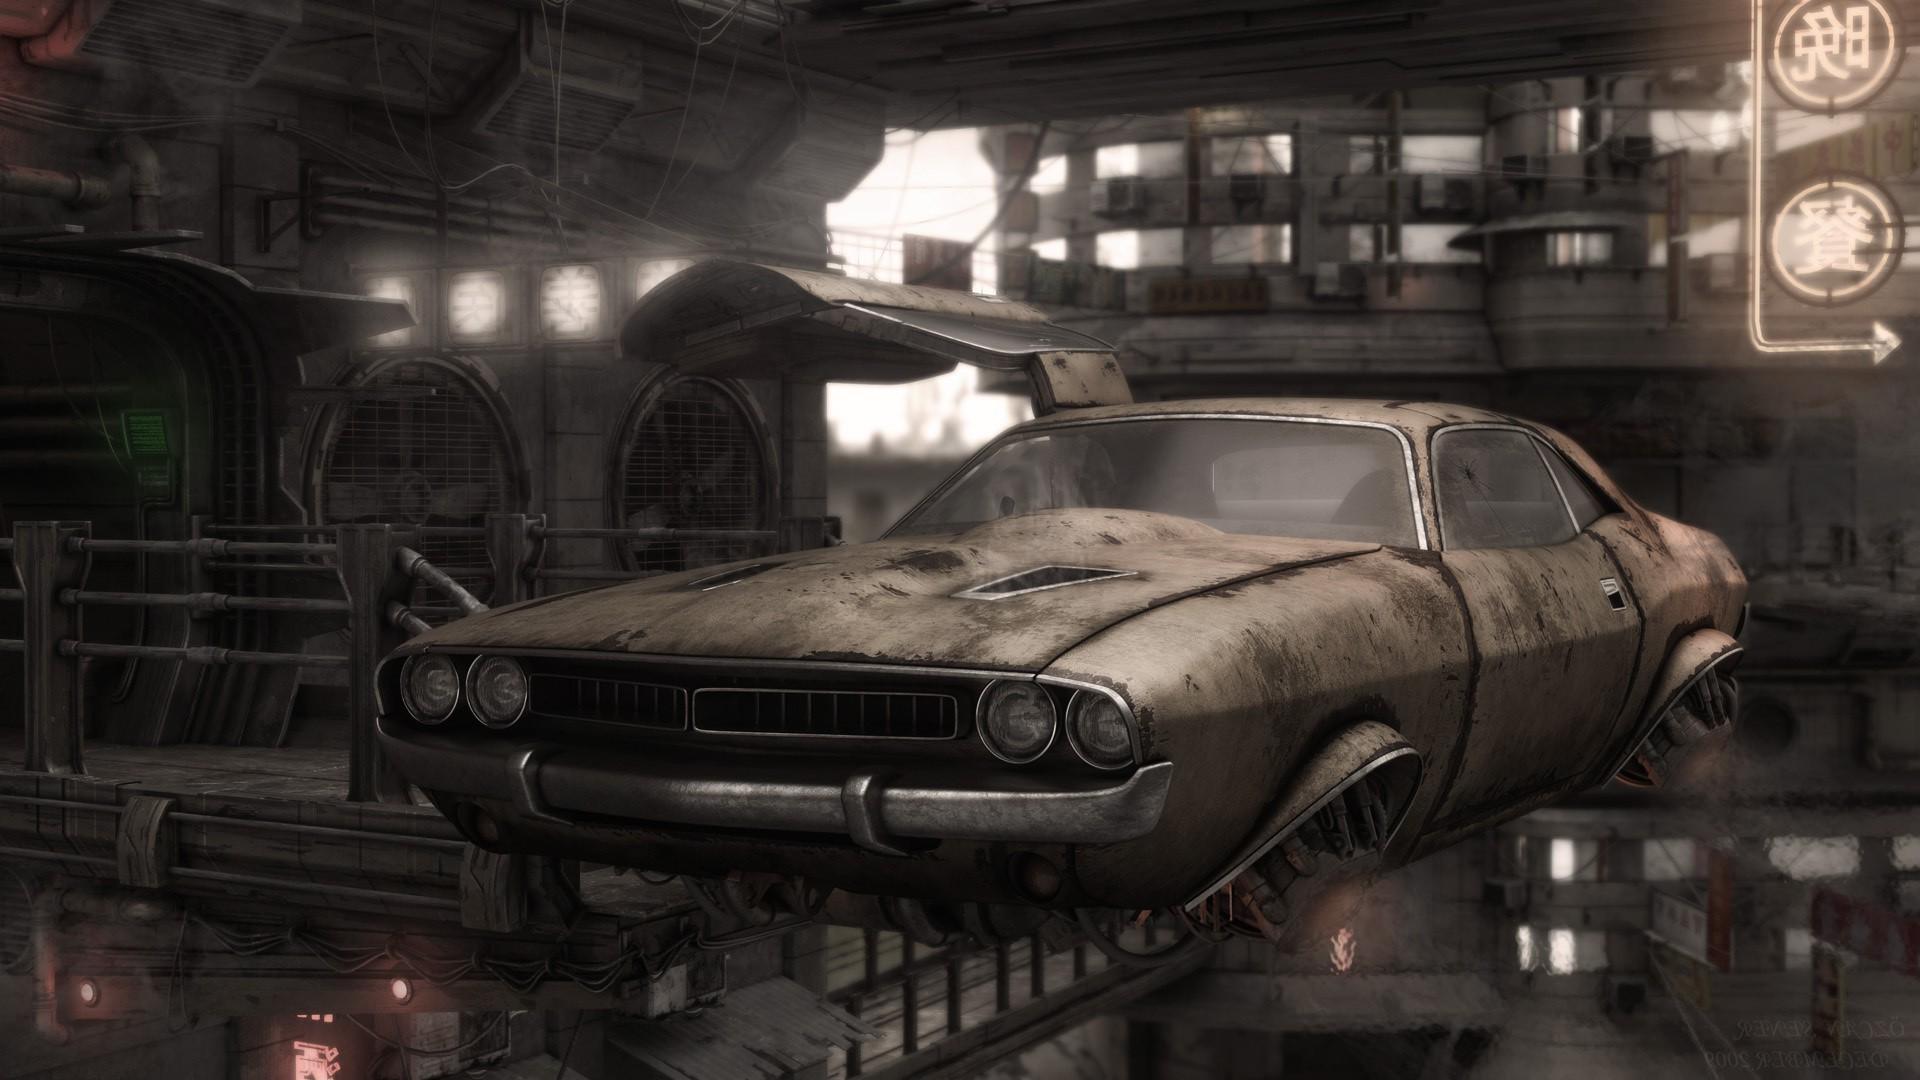 Res: 1920x1080, vintage car wallpaper #231815